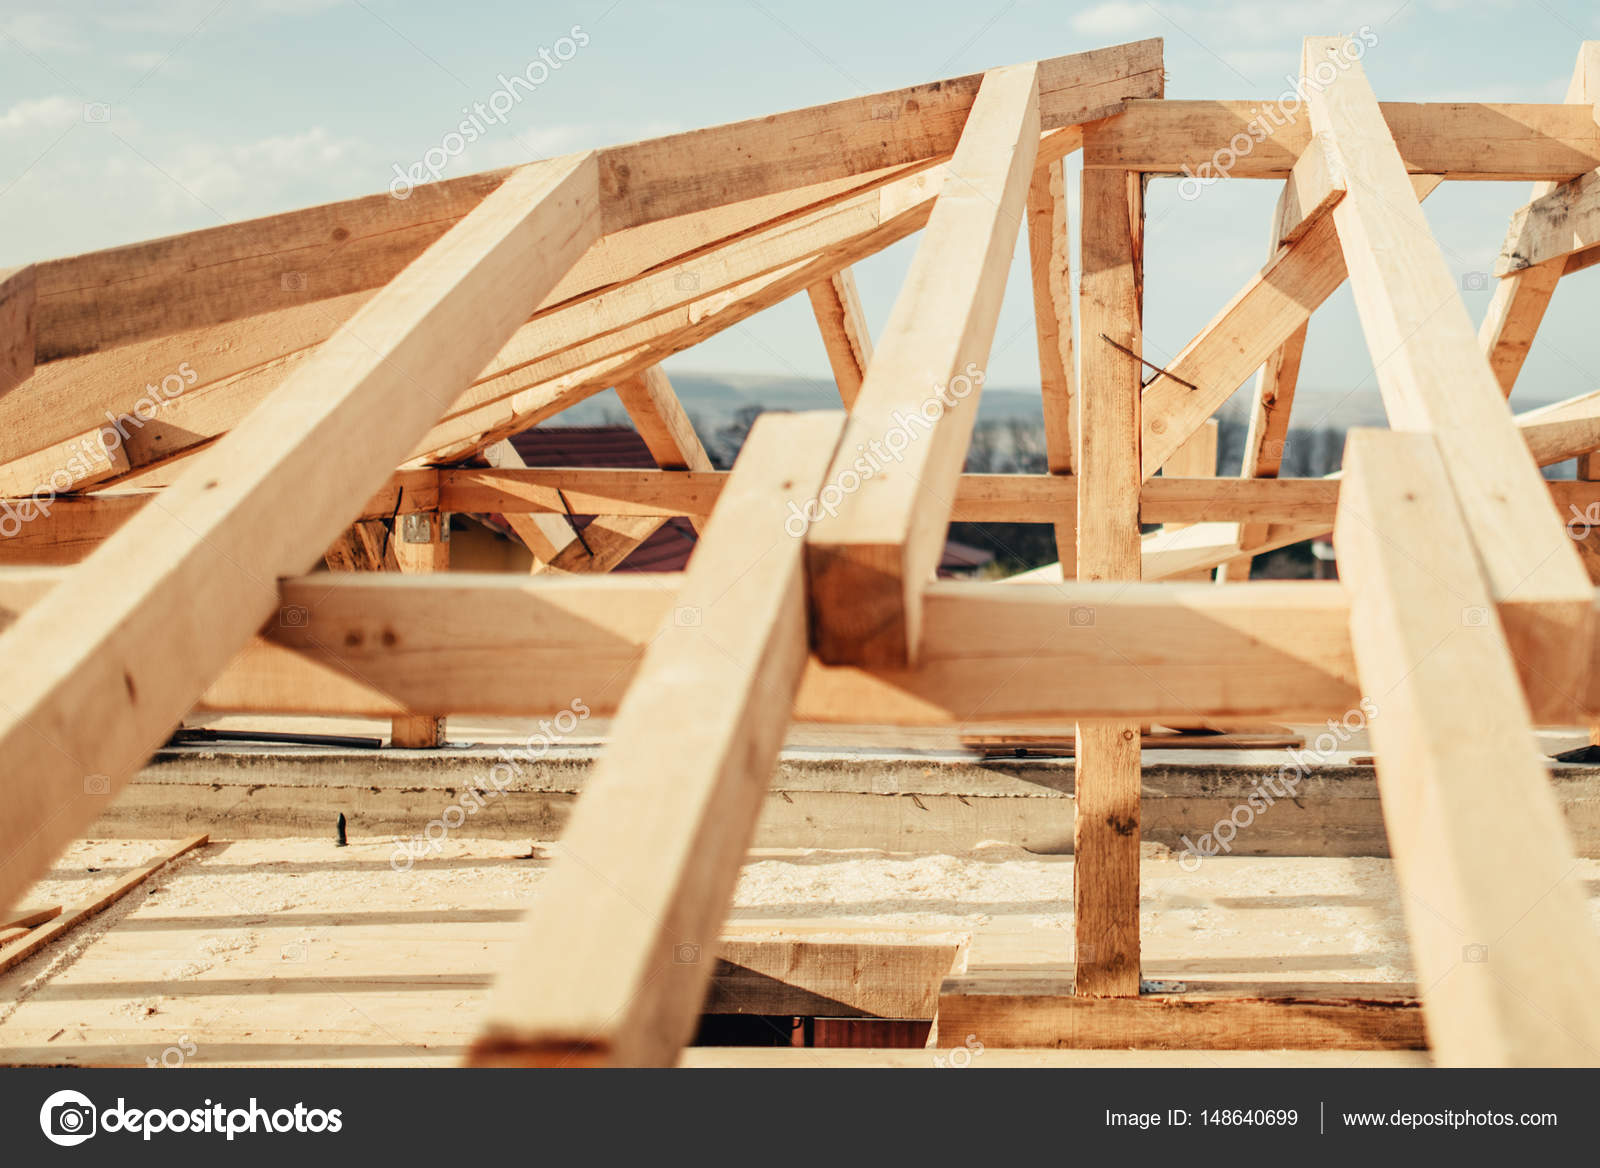 del material para techos del edificio nuevo detalles de construccin estructura techo de madera